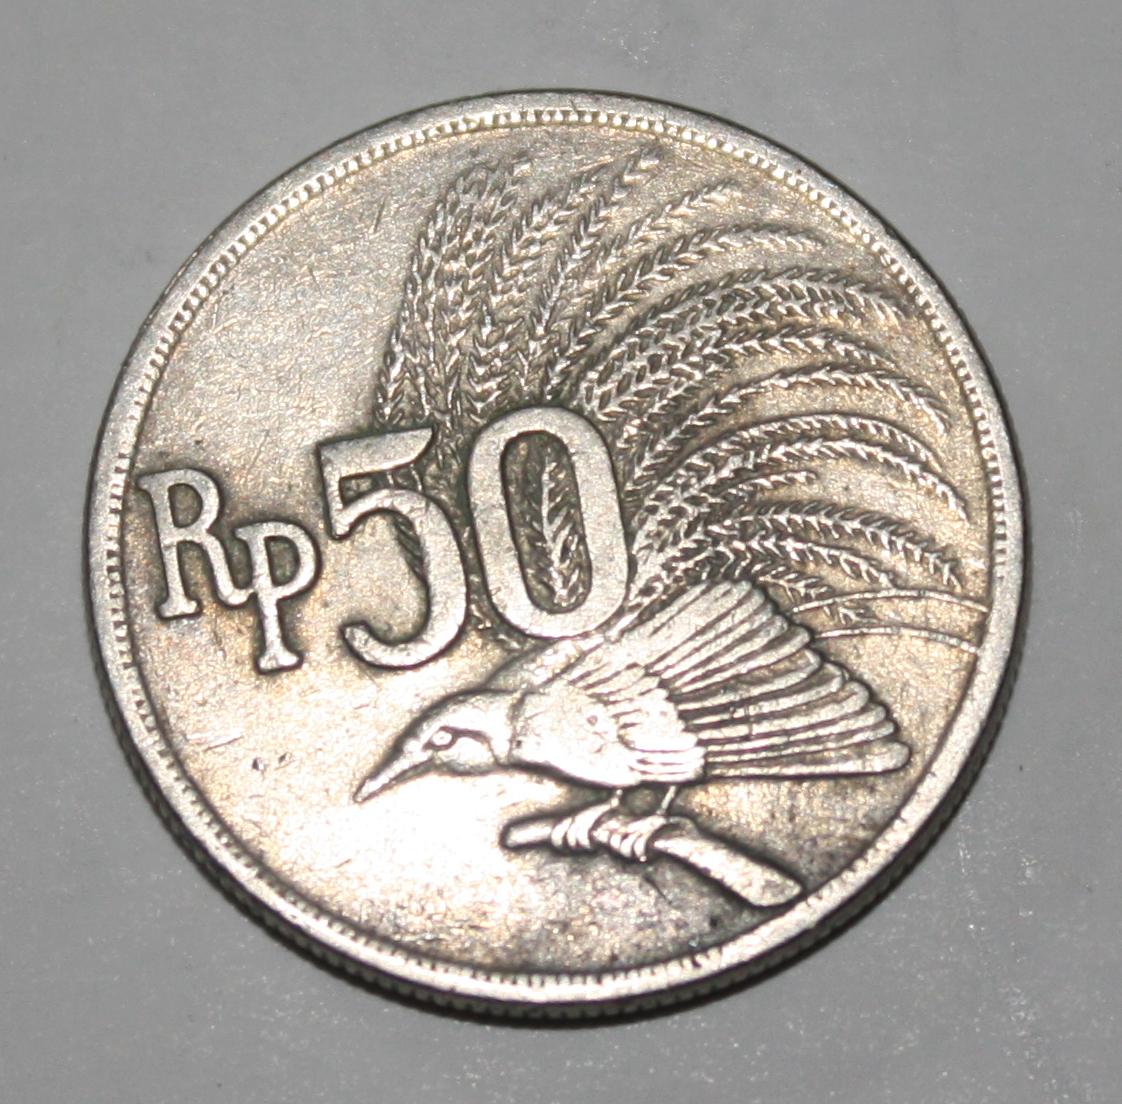 KOLEKSI UANG KUNO: Uang Koin 50 Rupiah Tahun 1971